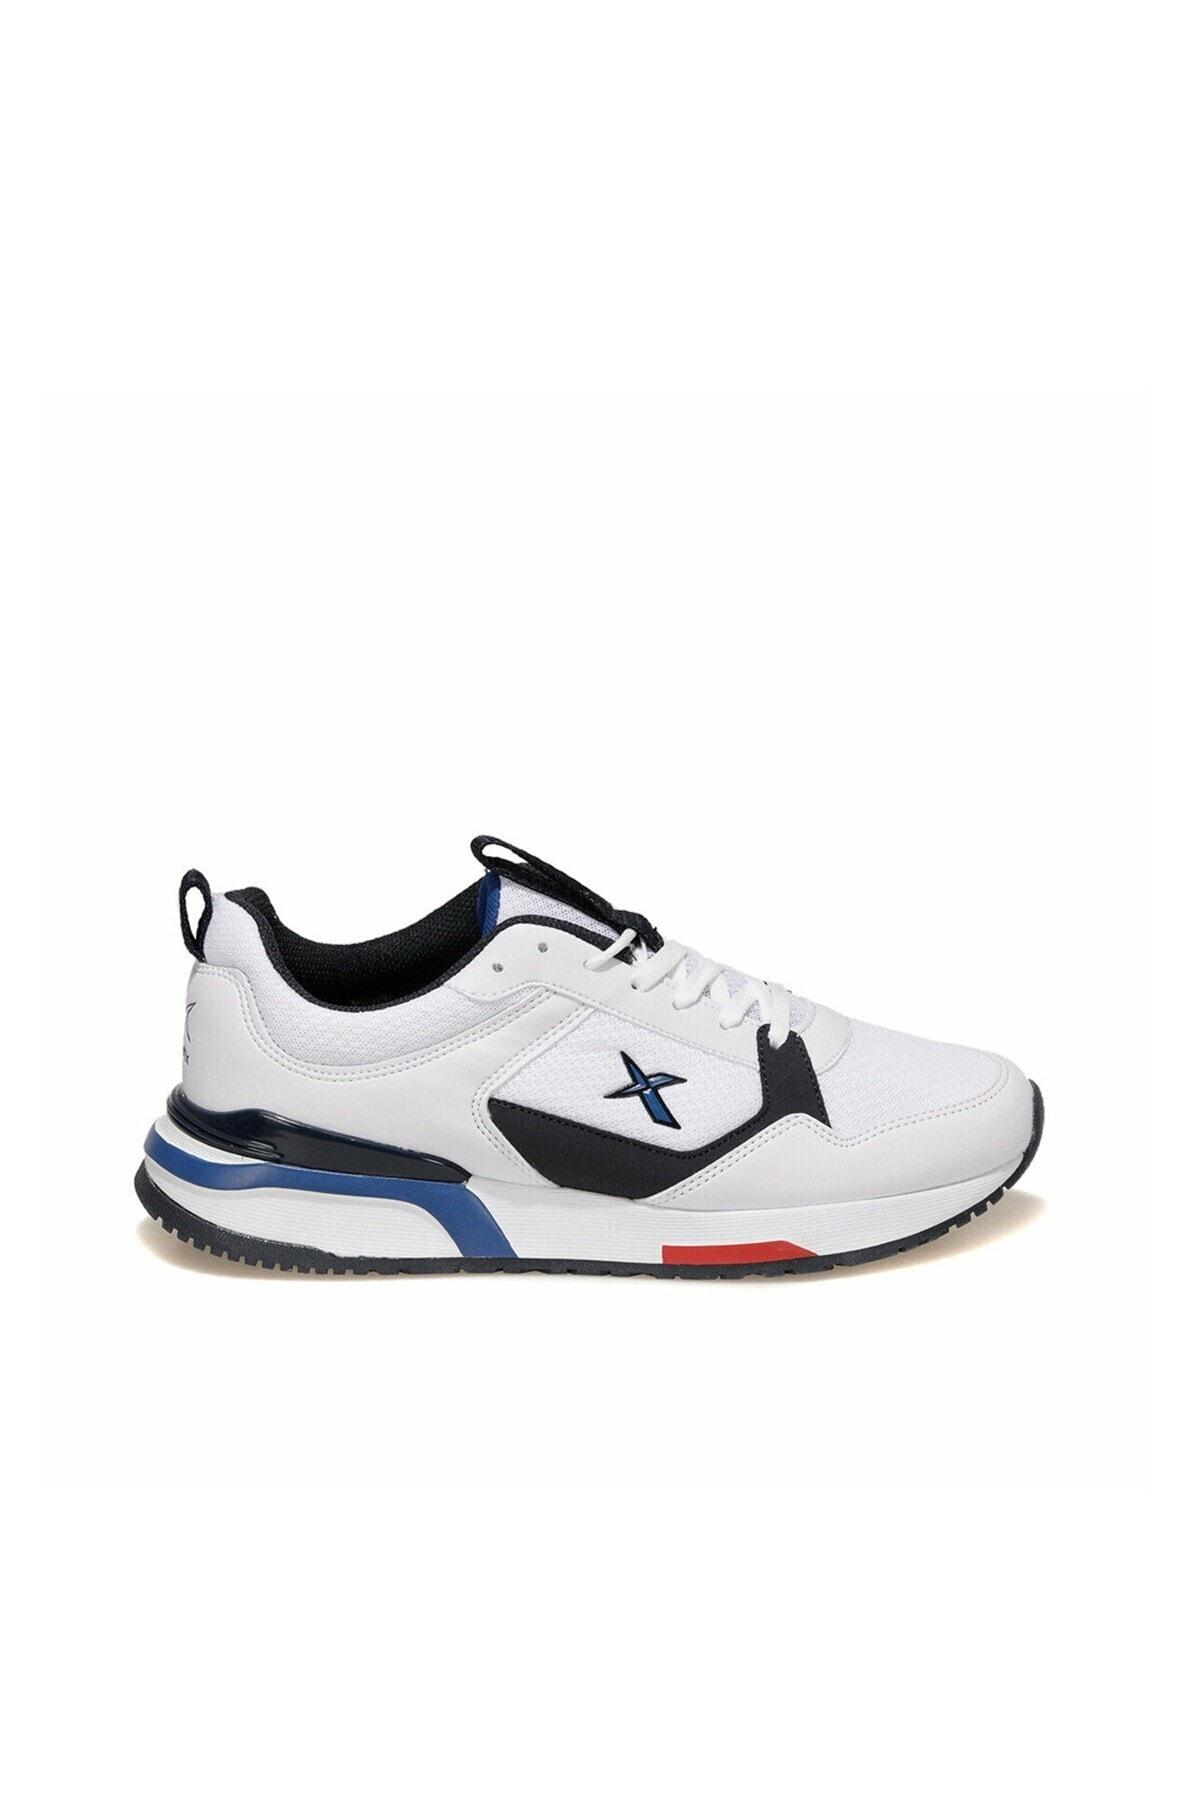 کفش مخصوص پیاده روی پاییزی مردانه برند کینتیکس kinetix کد ty96624141